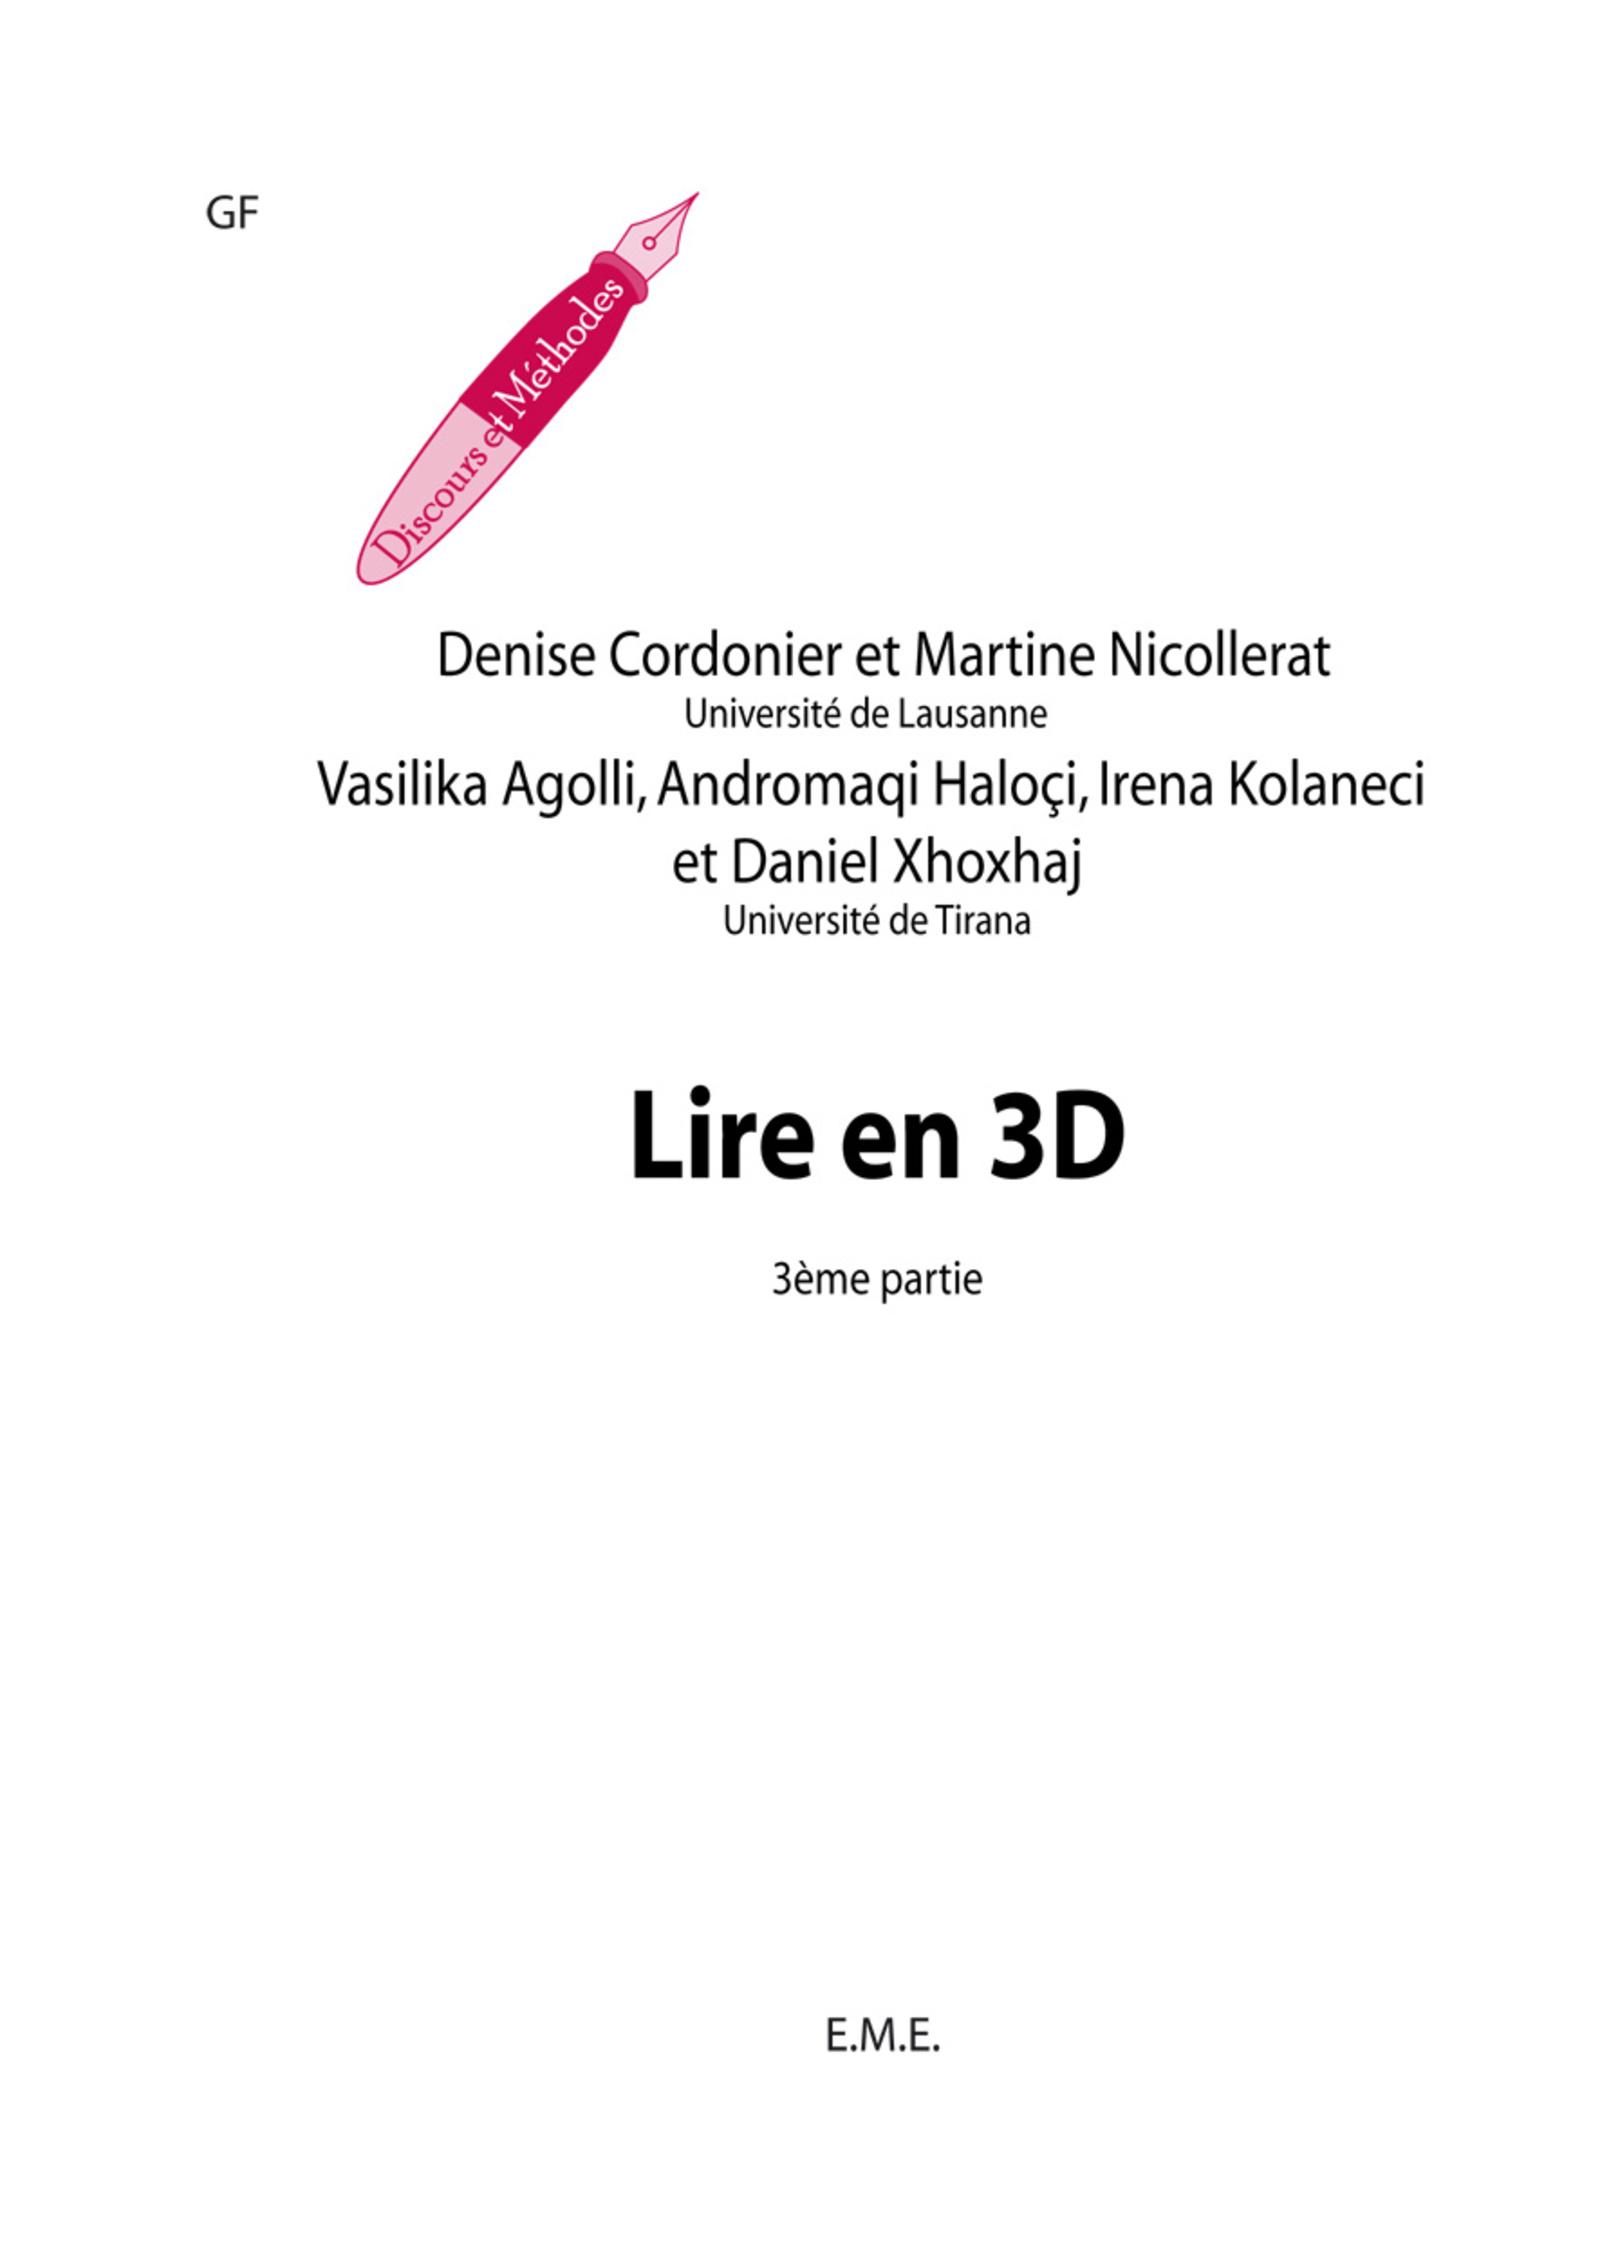 Lire en 3D (3e